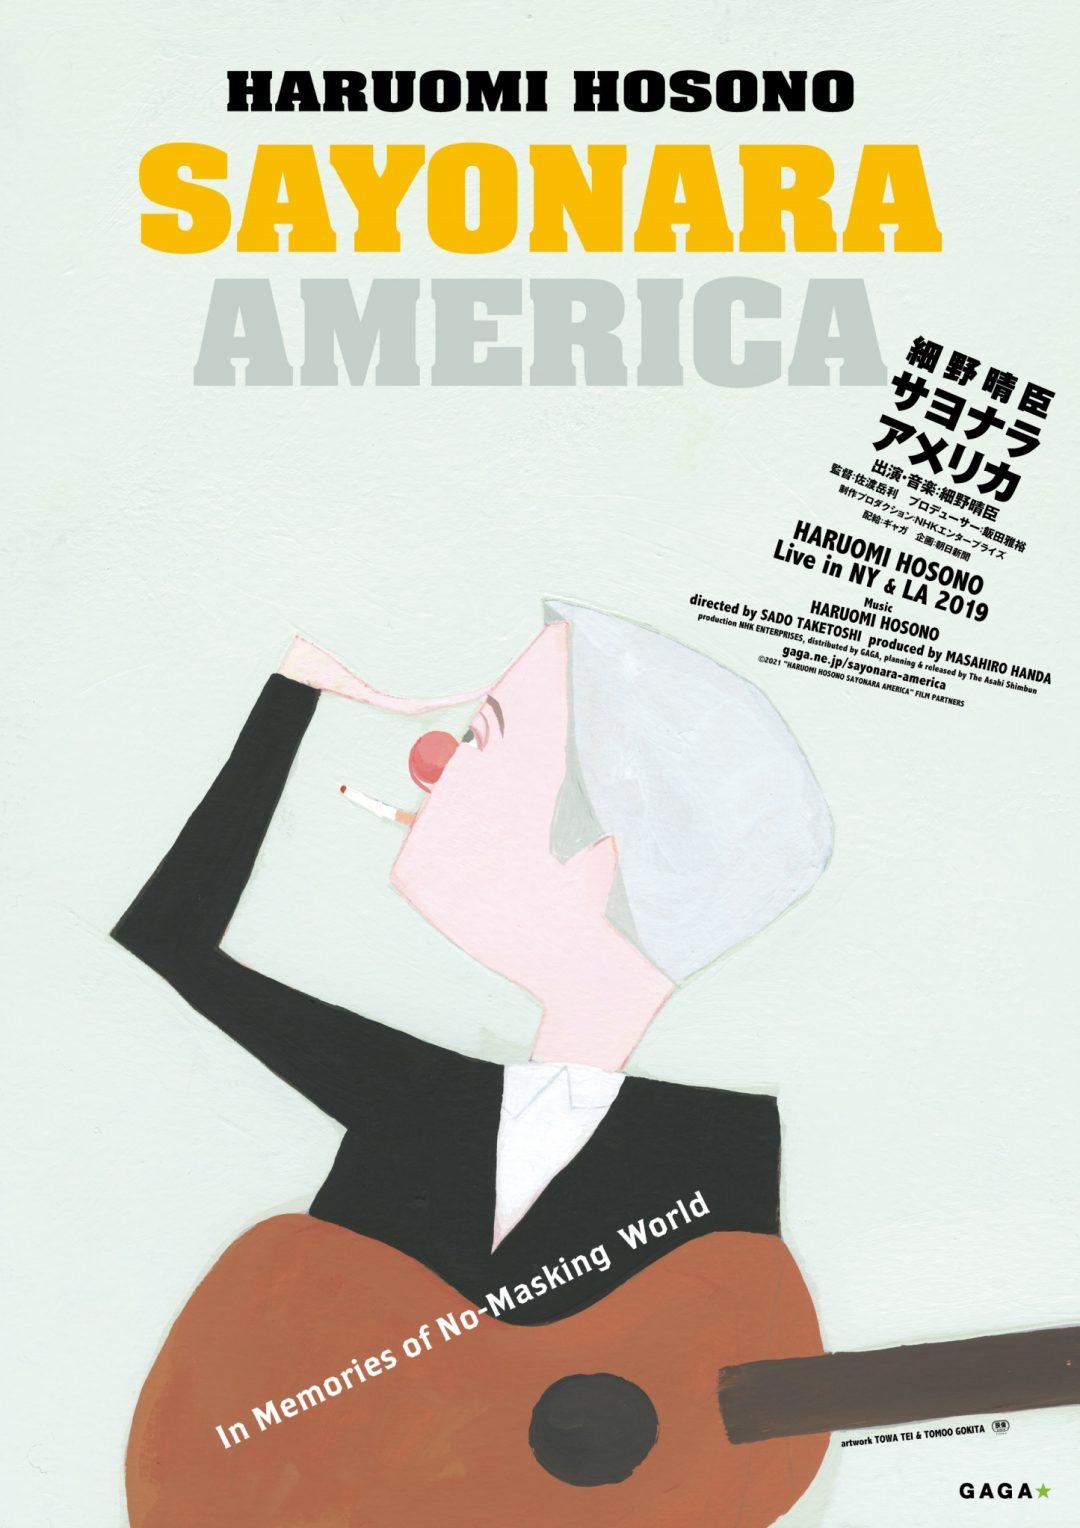 上映決定!細野晴臣 2年ぶりの新たなライブ・ドキュメンタリー映画『SAYONARA AMERICA』ポスタービジュアルも公開